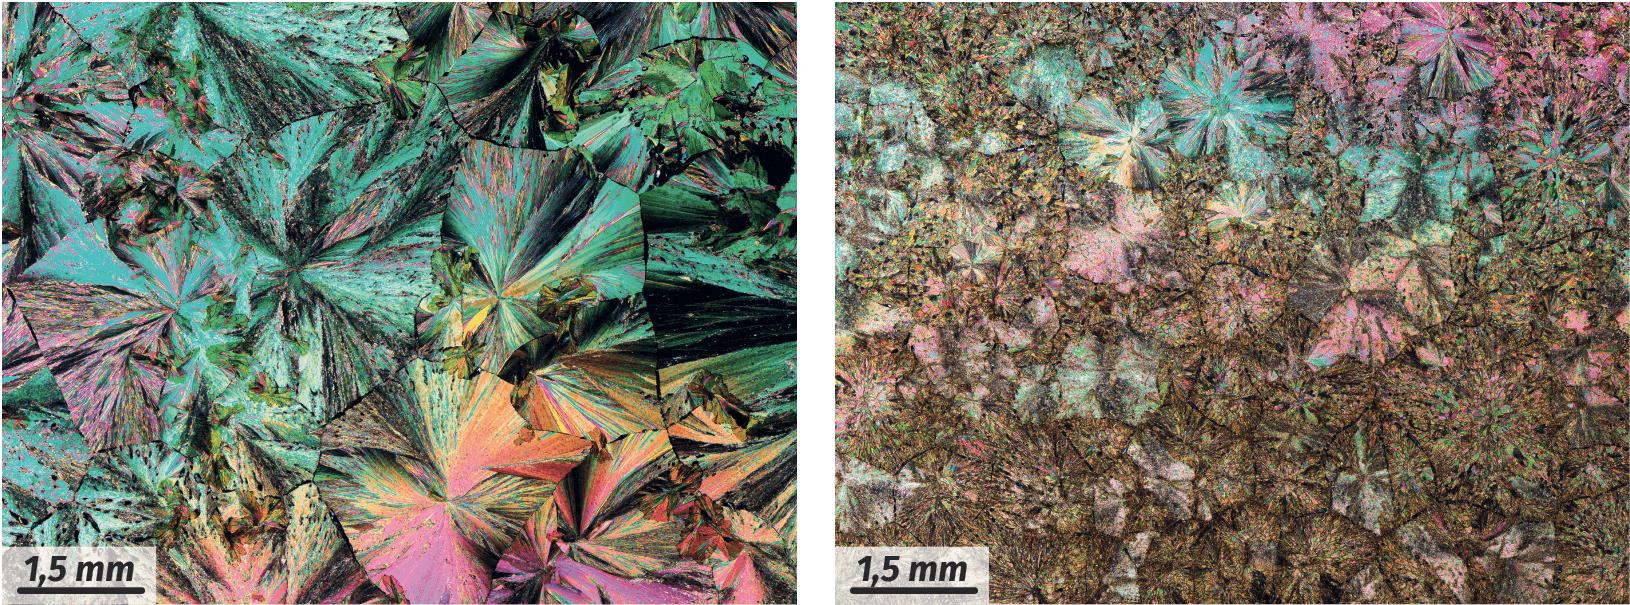 La cristallisation de l'éthylvanilline